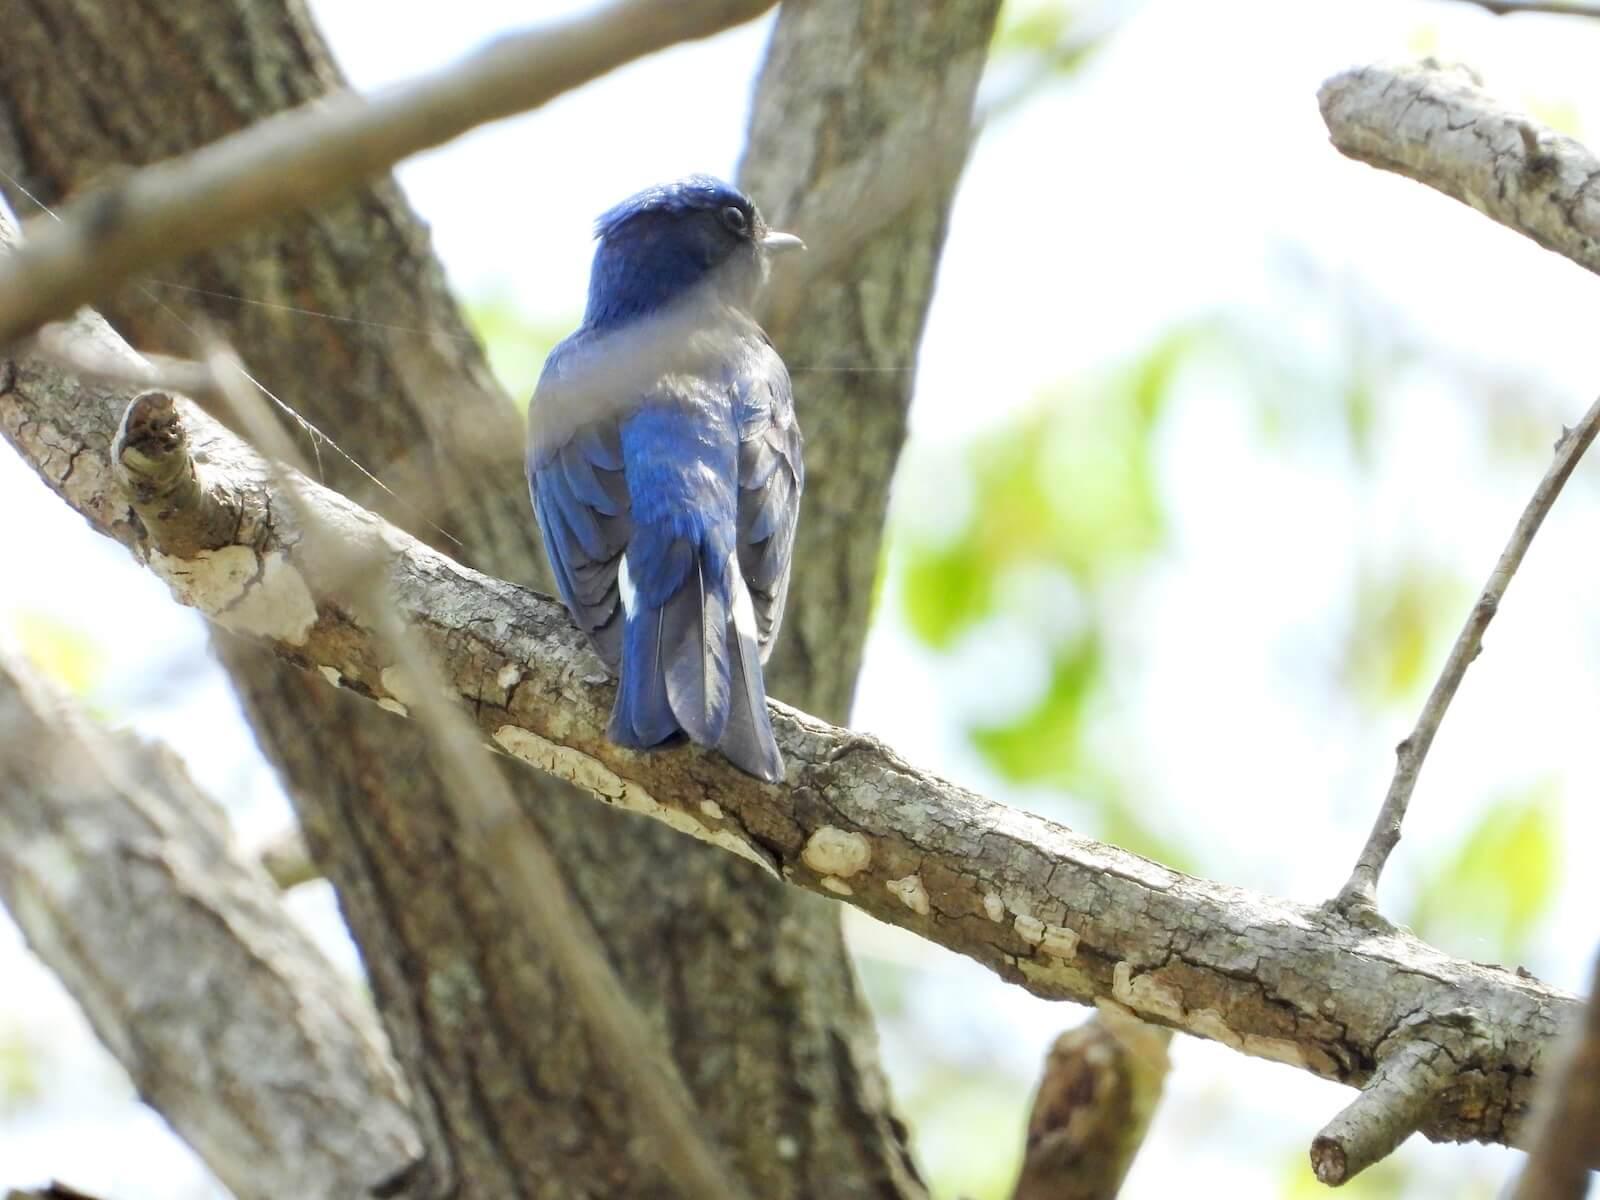 鳥 種類(鳥図鑑、野鳥図鑑)